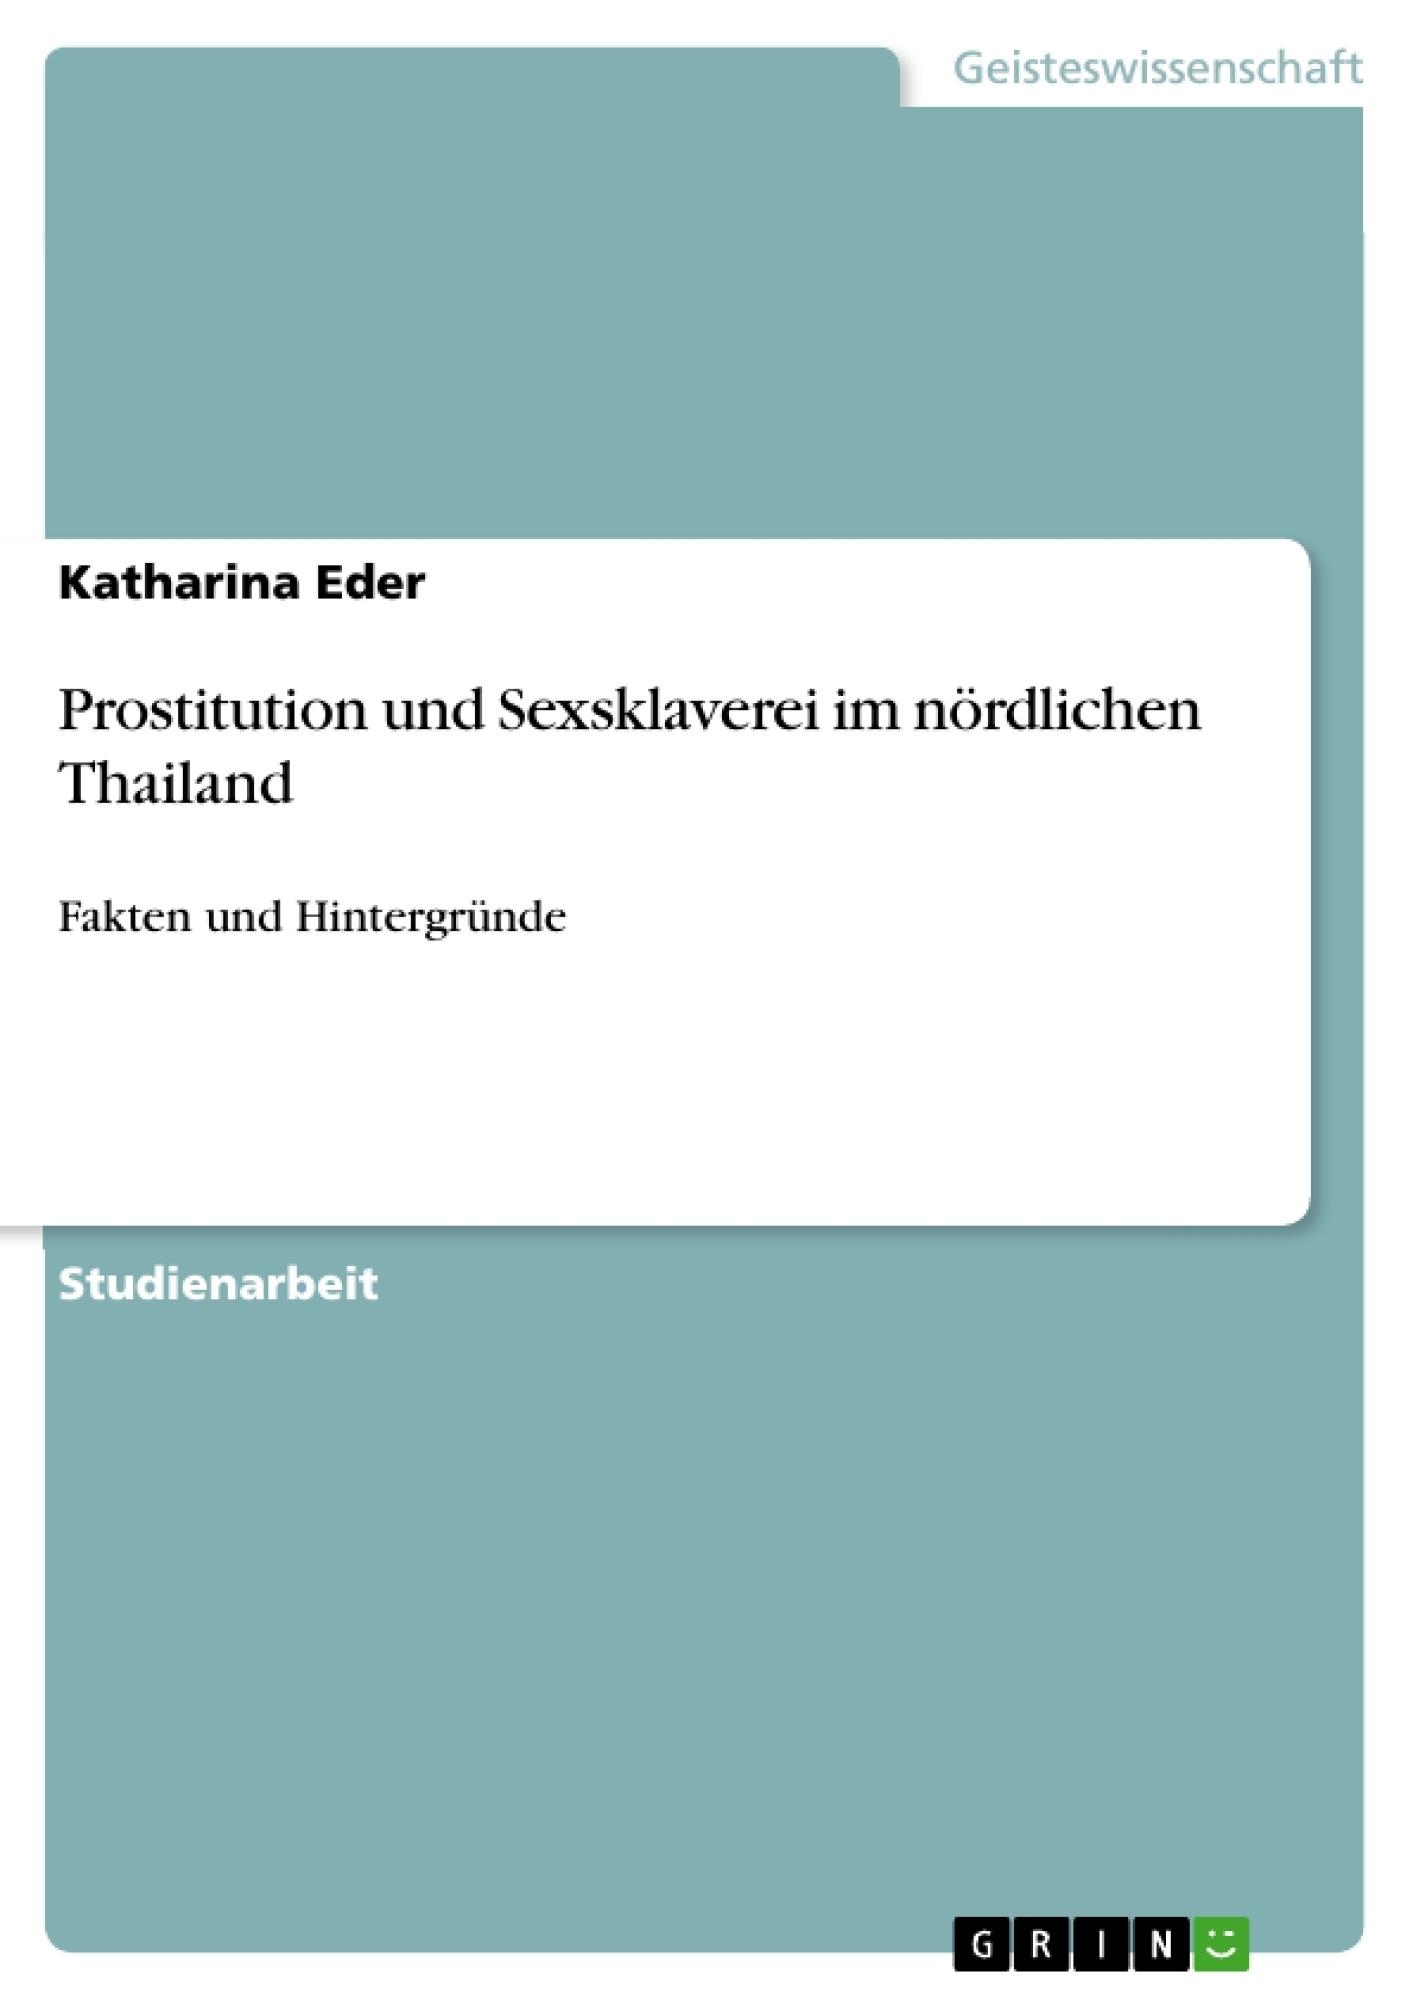 Titel: Prostitution und Sexsklaverei im nördlichen Thailand